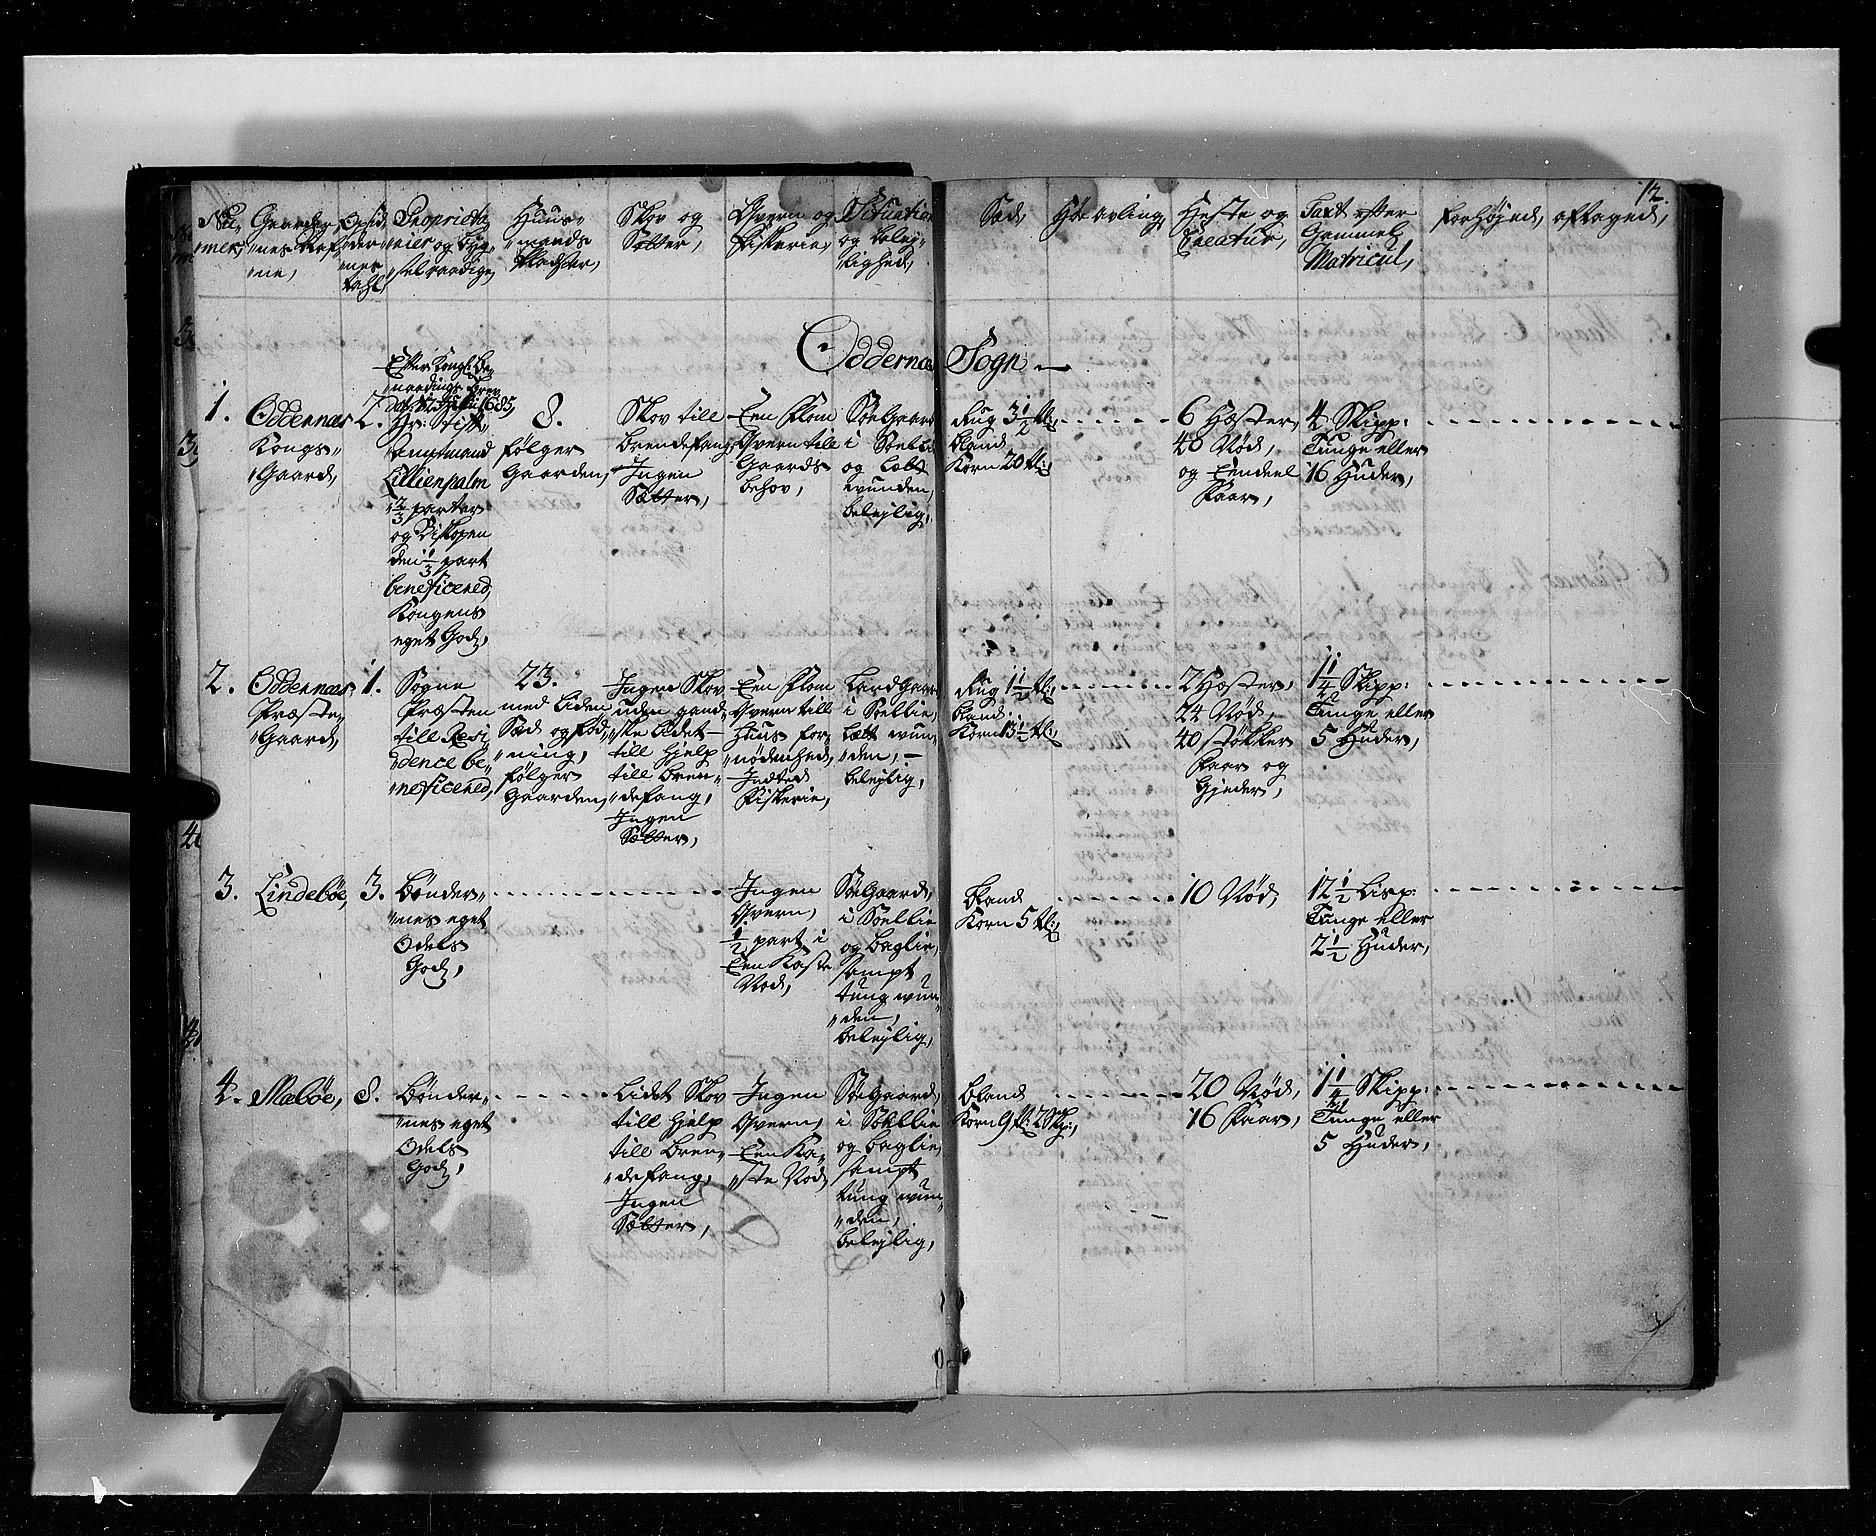 RA, Rentekammeret inntil 1814, Realistisk ordnet avdeling, N/Nb/Nbf/L0127: Mandal eksaminasjonsprotokoll, 1723, s. 11b-12a